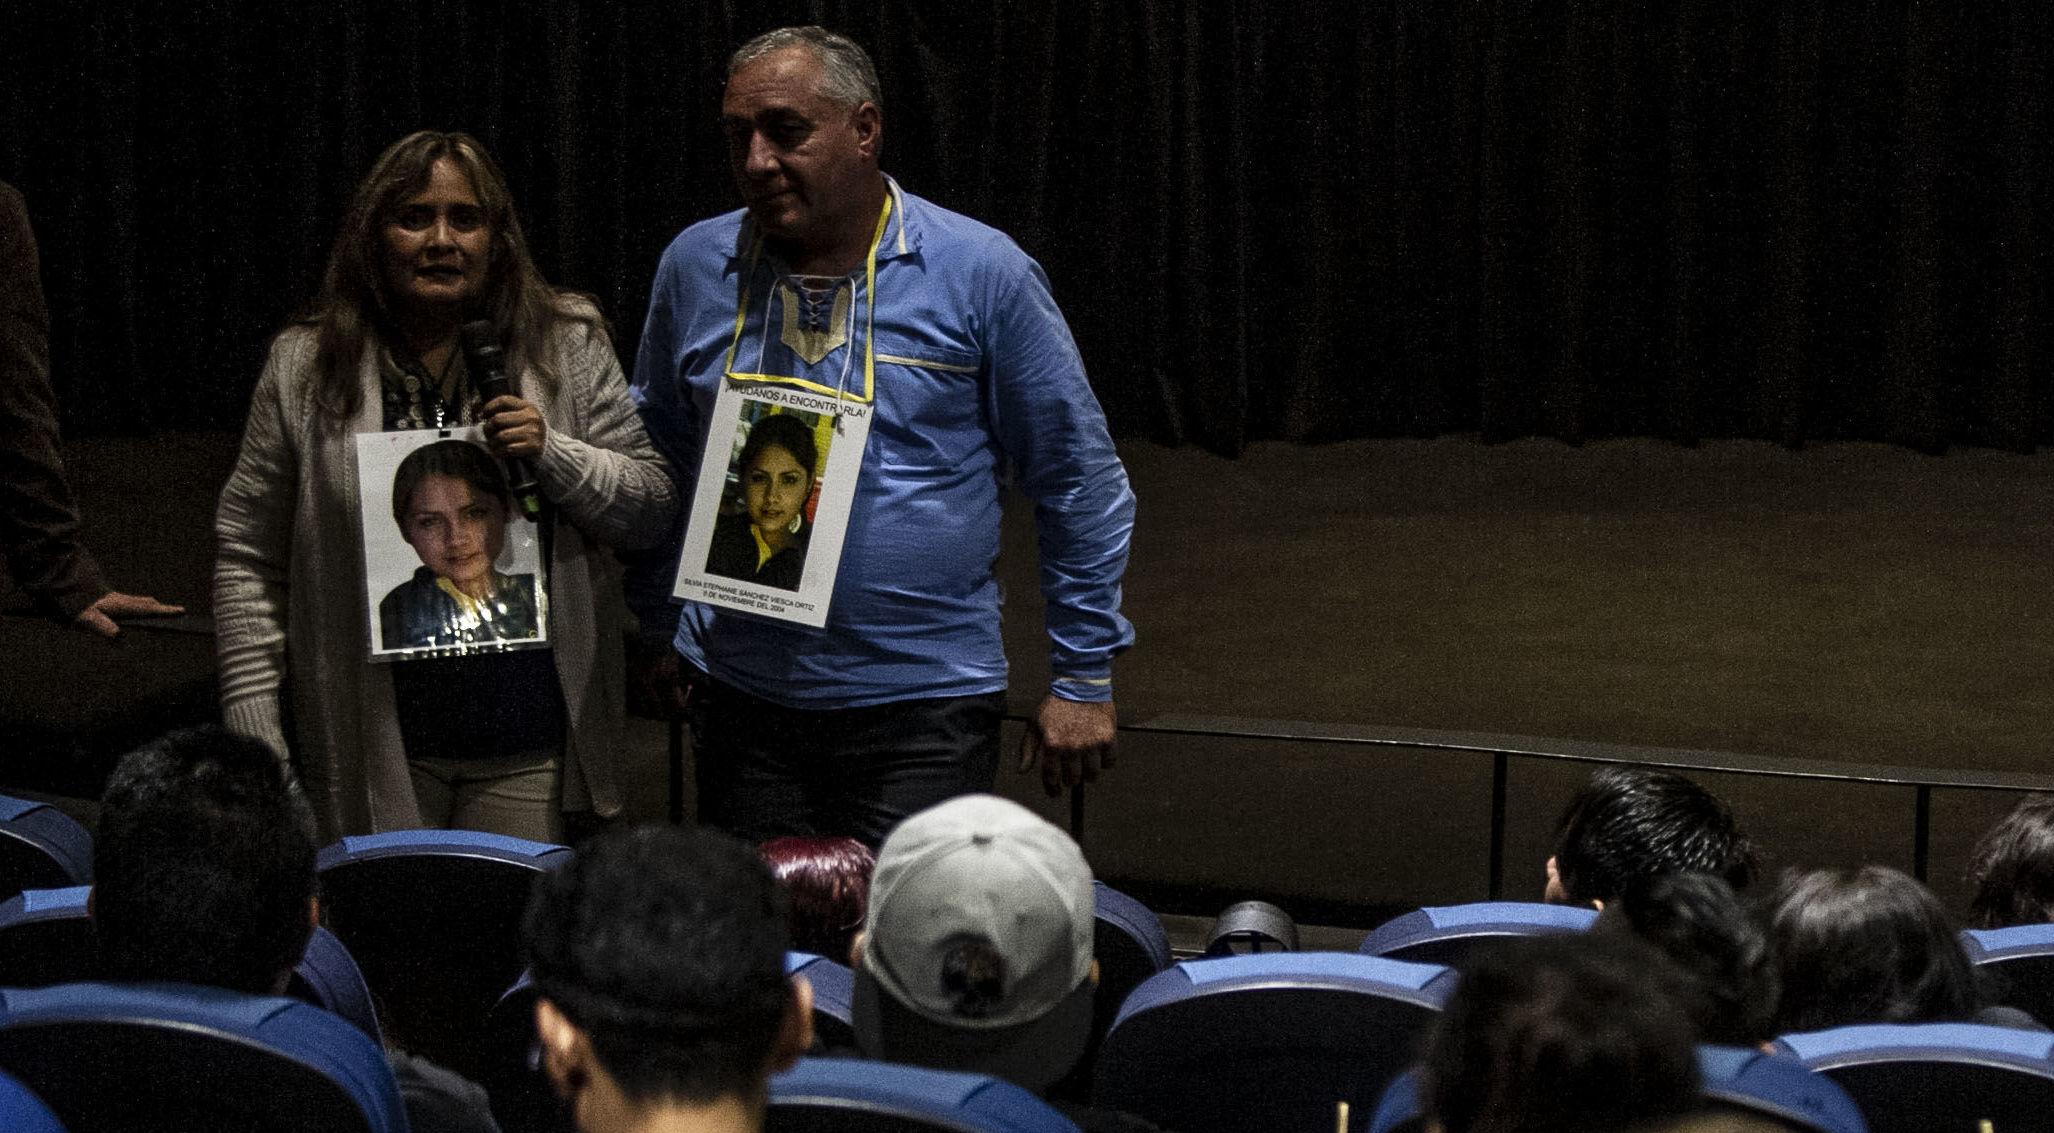 Silvia Ortiz y Oscar Sánchez ofrecen una charla al terminar la película donde se presentó el caso de su hija